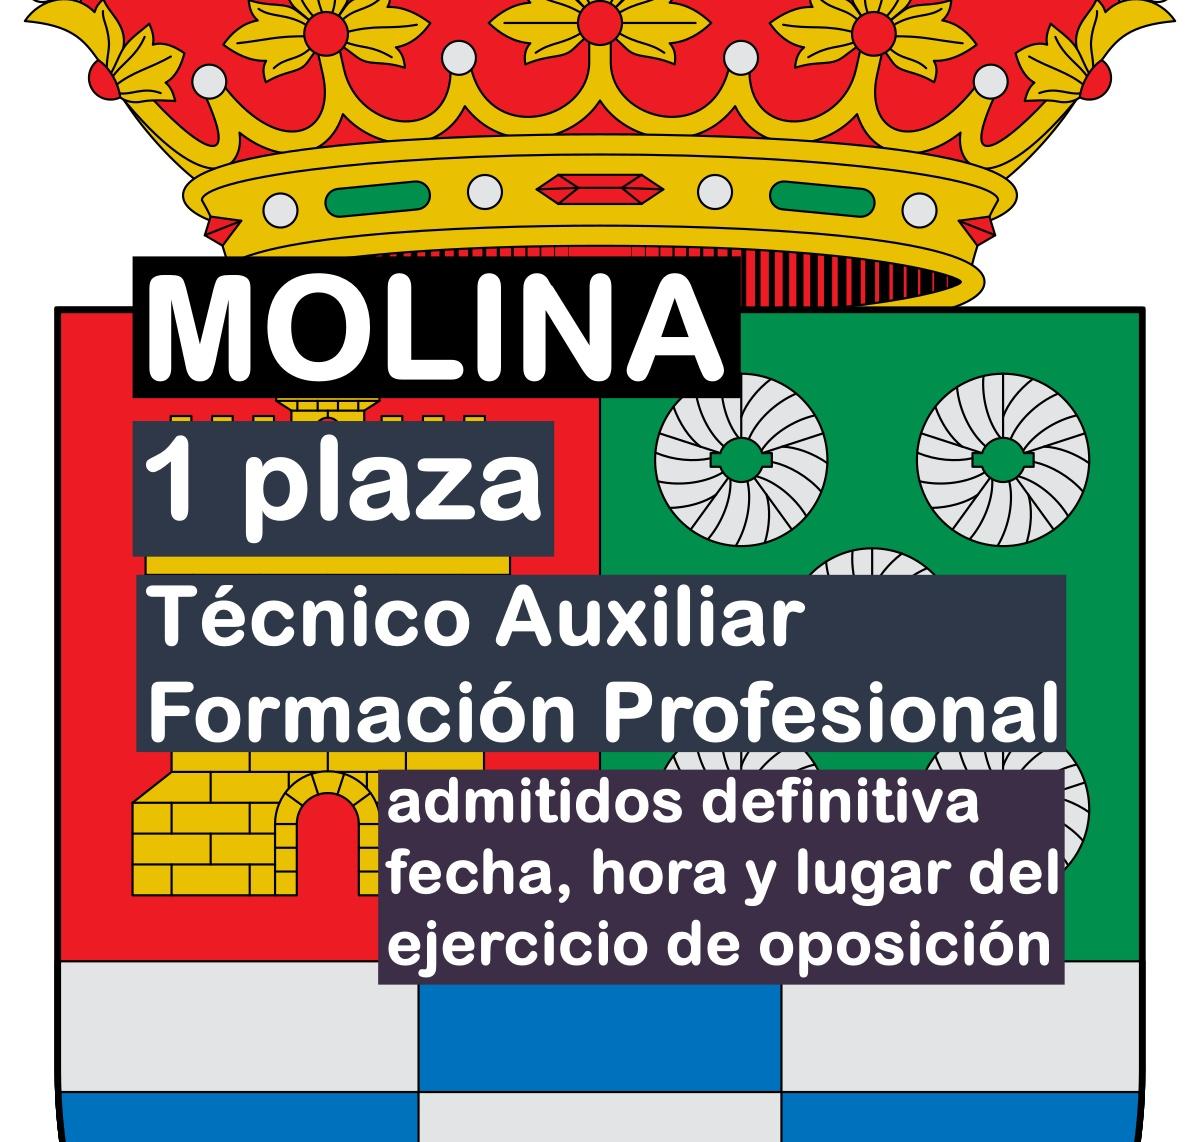 1 Técnico Auxiliar Formación Profesional en Molina de Segura